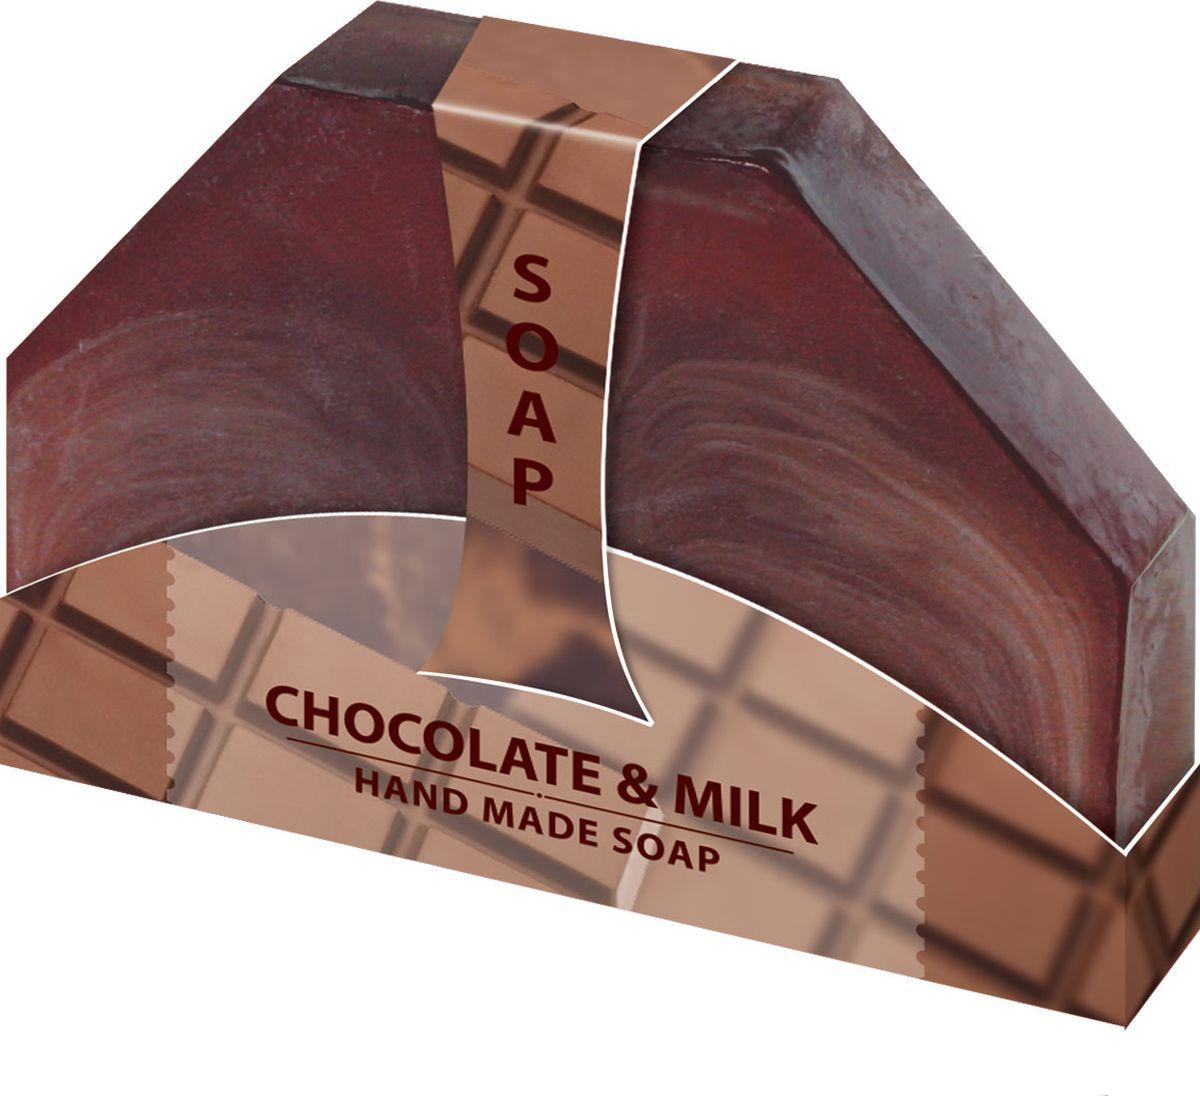 Мыло ручной работы Шоколадное молоко Hand made spa collection, 80 г6000803Мыло из нежного природного пальмового масла, с натуральным экстрактом Розмарина, молоком и шоколадным ароматом. Мыло, которое помогает максимально открыть поры кожи, позволяя очистить их от загрязнений. Делает кожу приятной на ощупь.